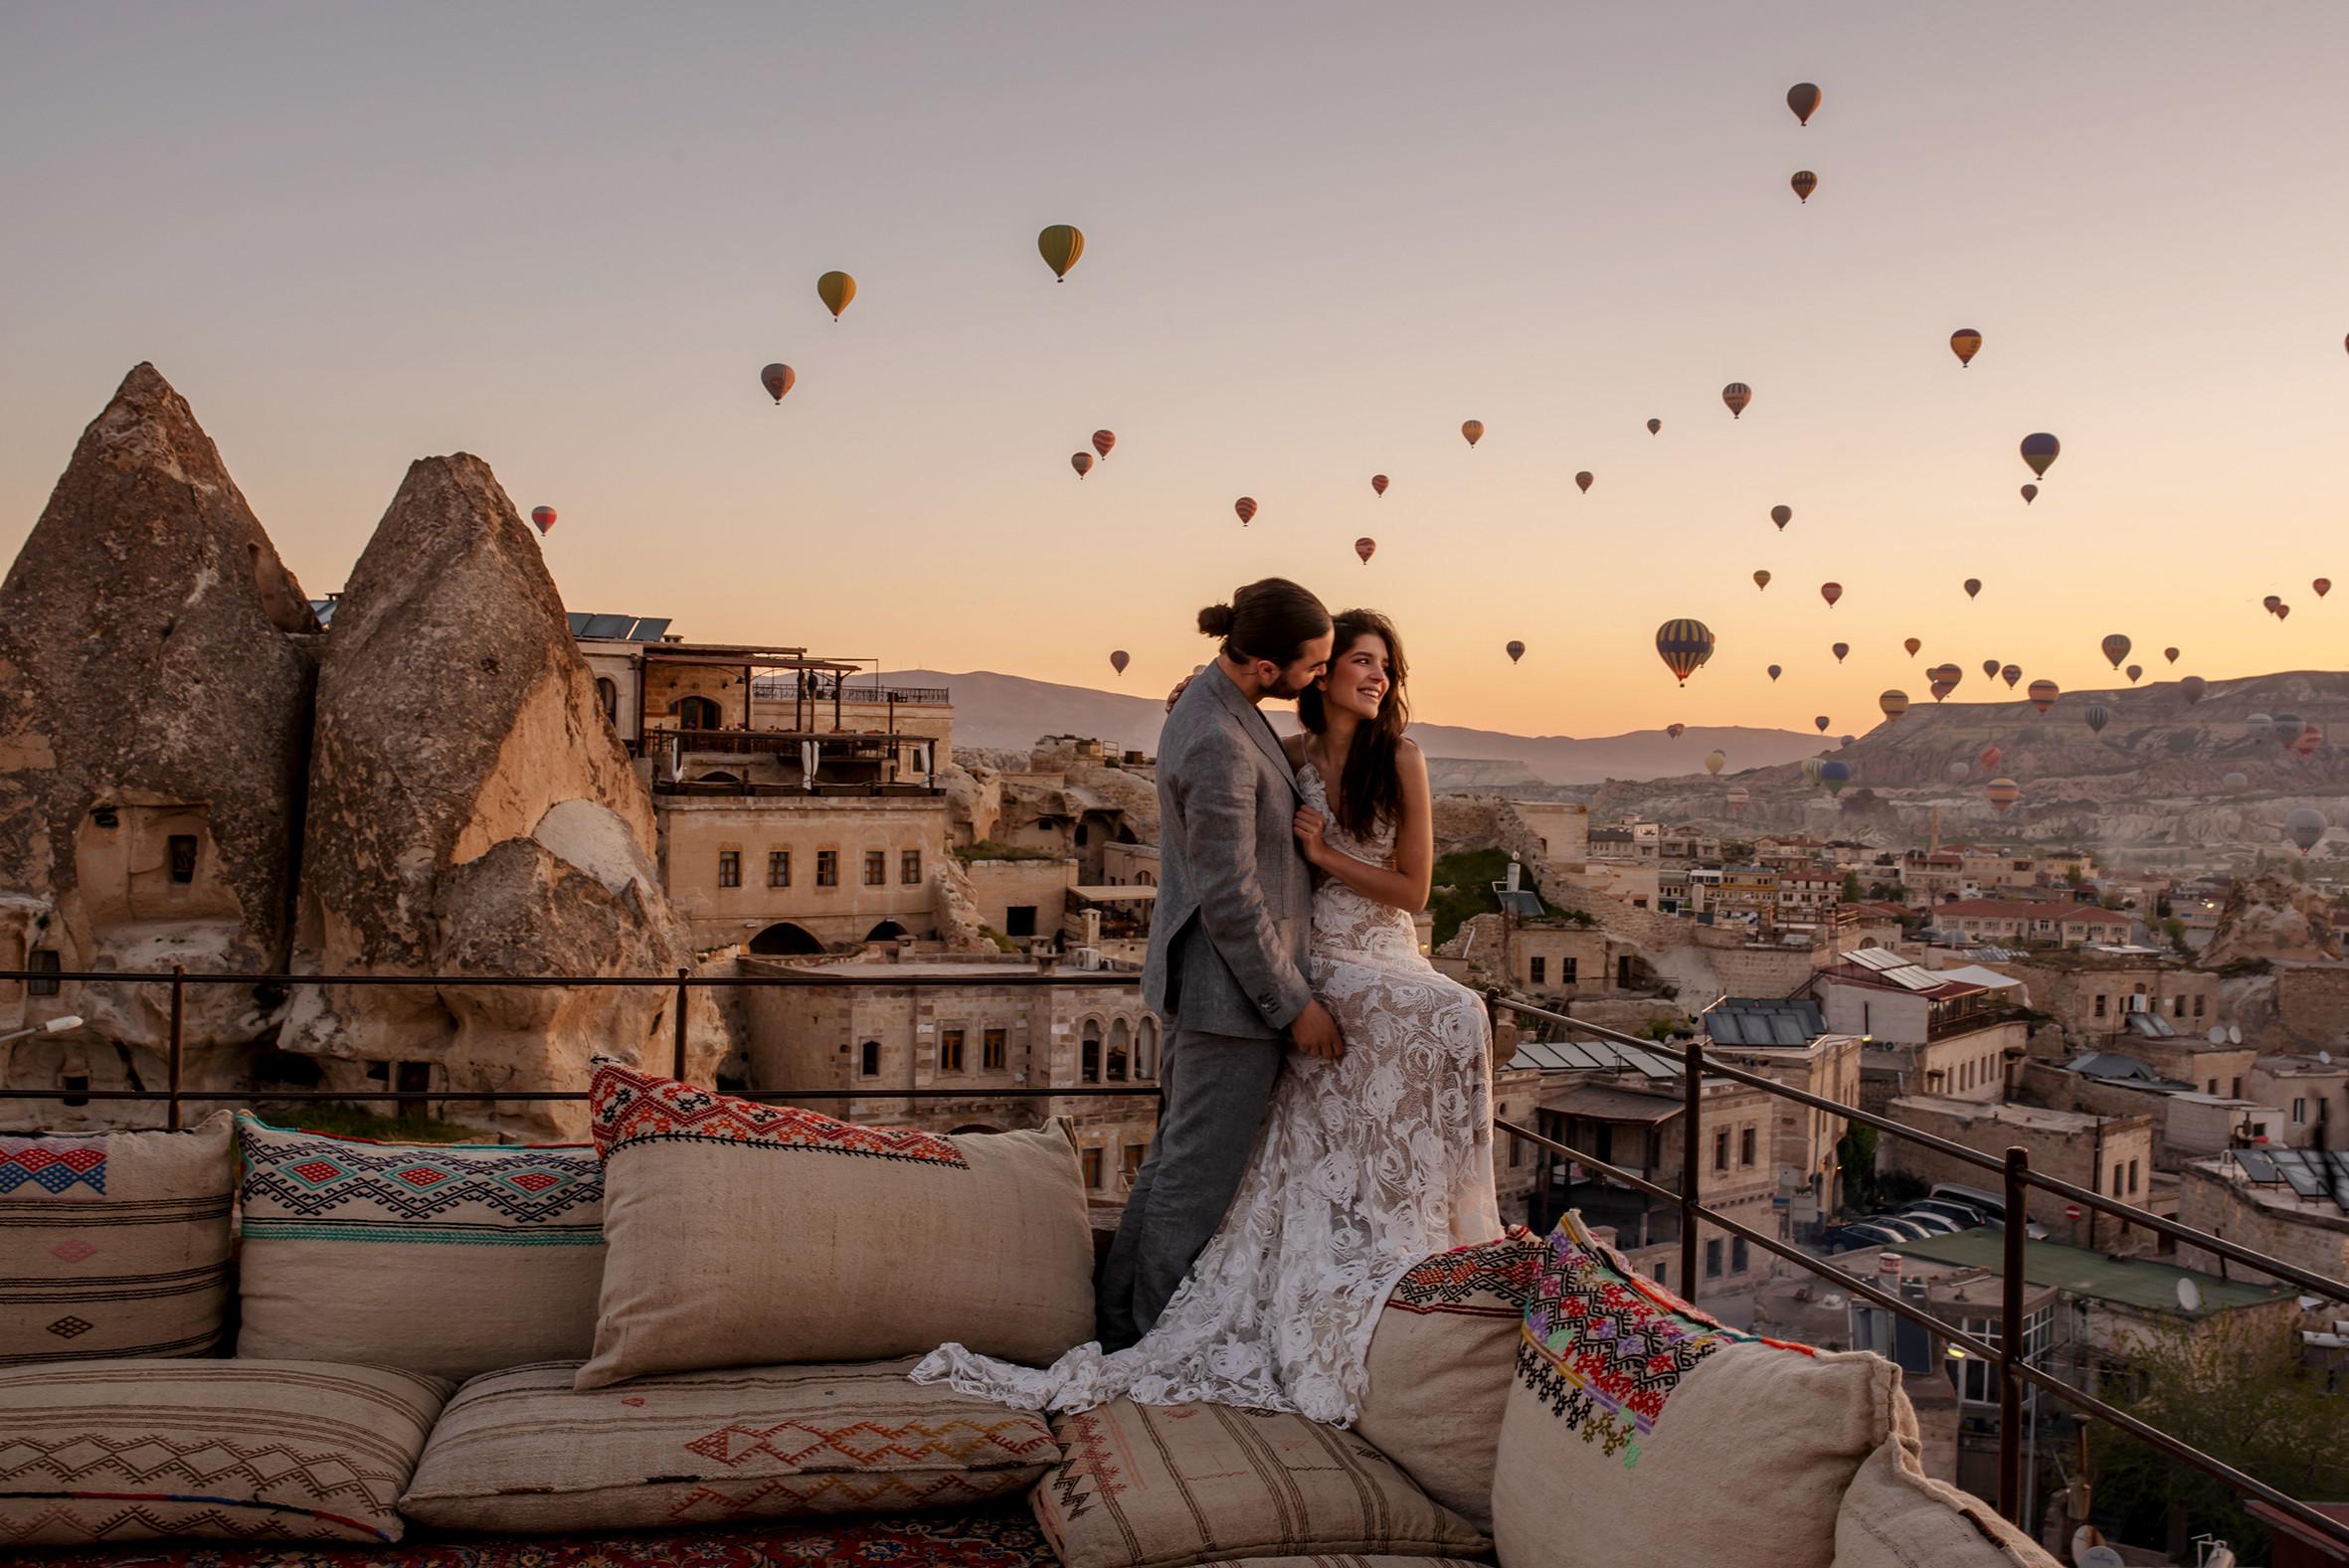 Khinh khí cầu Cappadocia ở Thổ Nhĩ Kỳ - ảnh 5